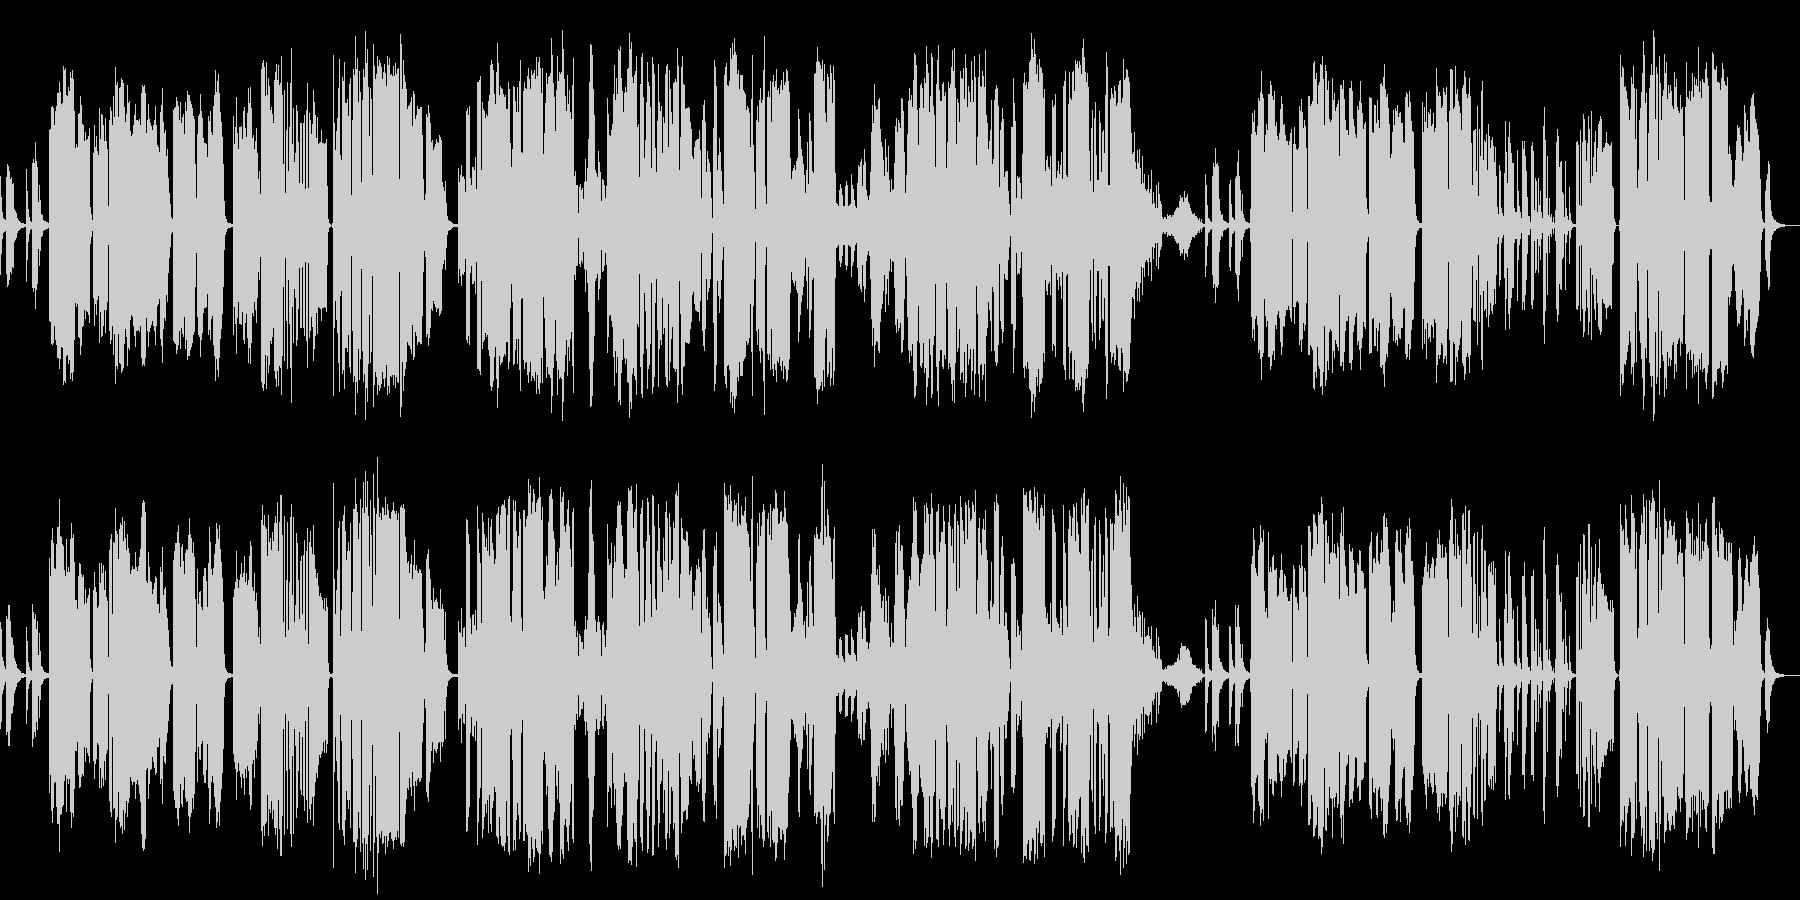 宮城道雄作曲の箏と尺八の二重奏の未再生の波形